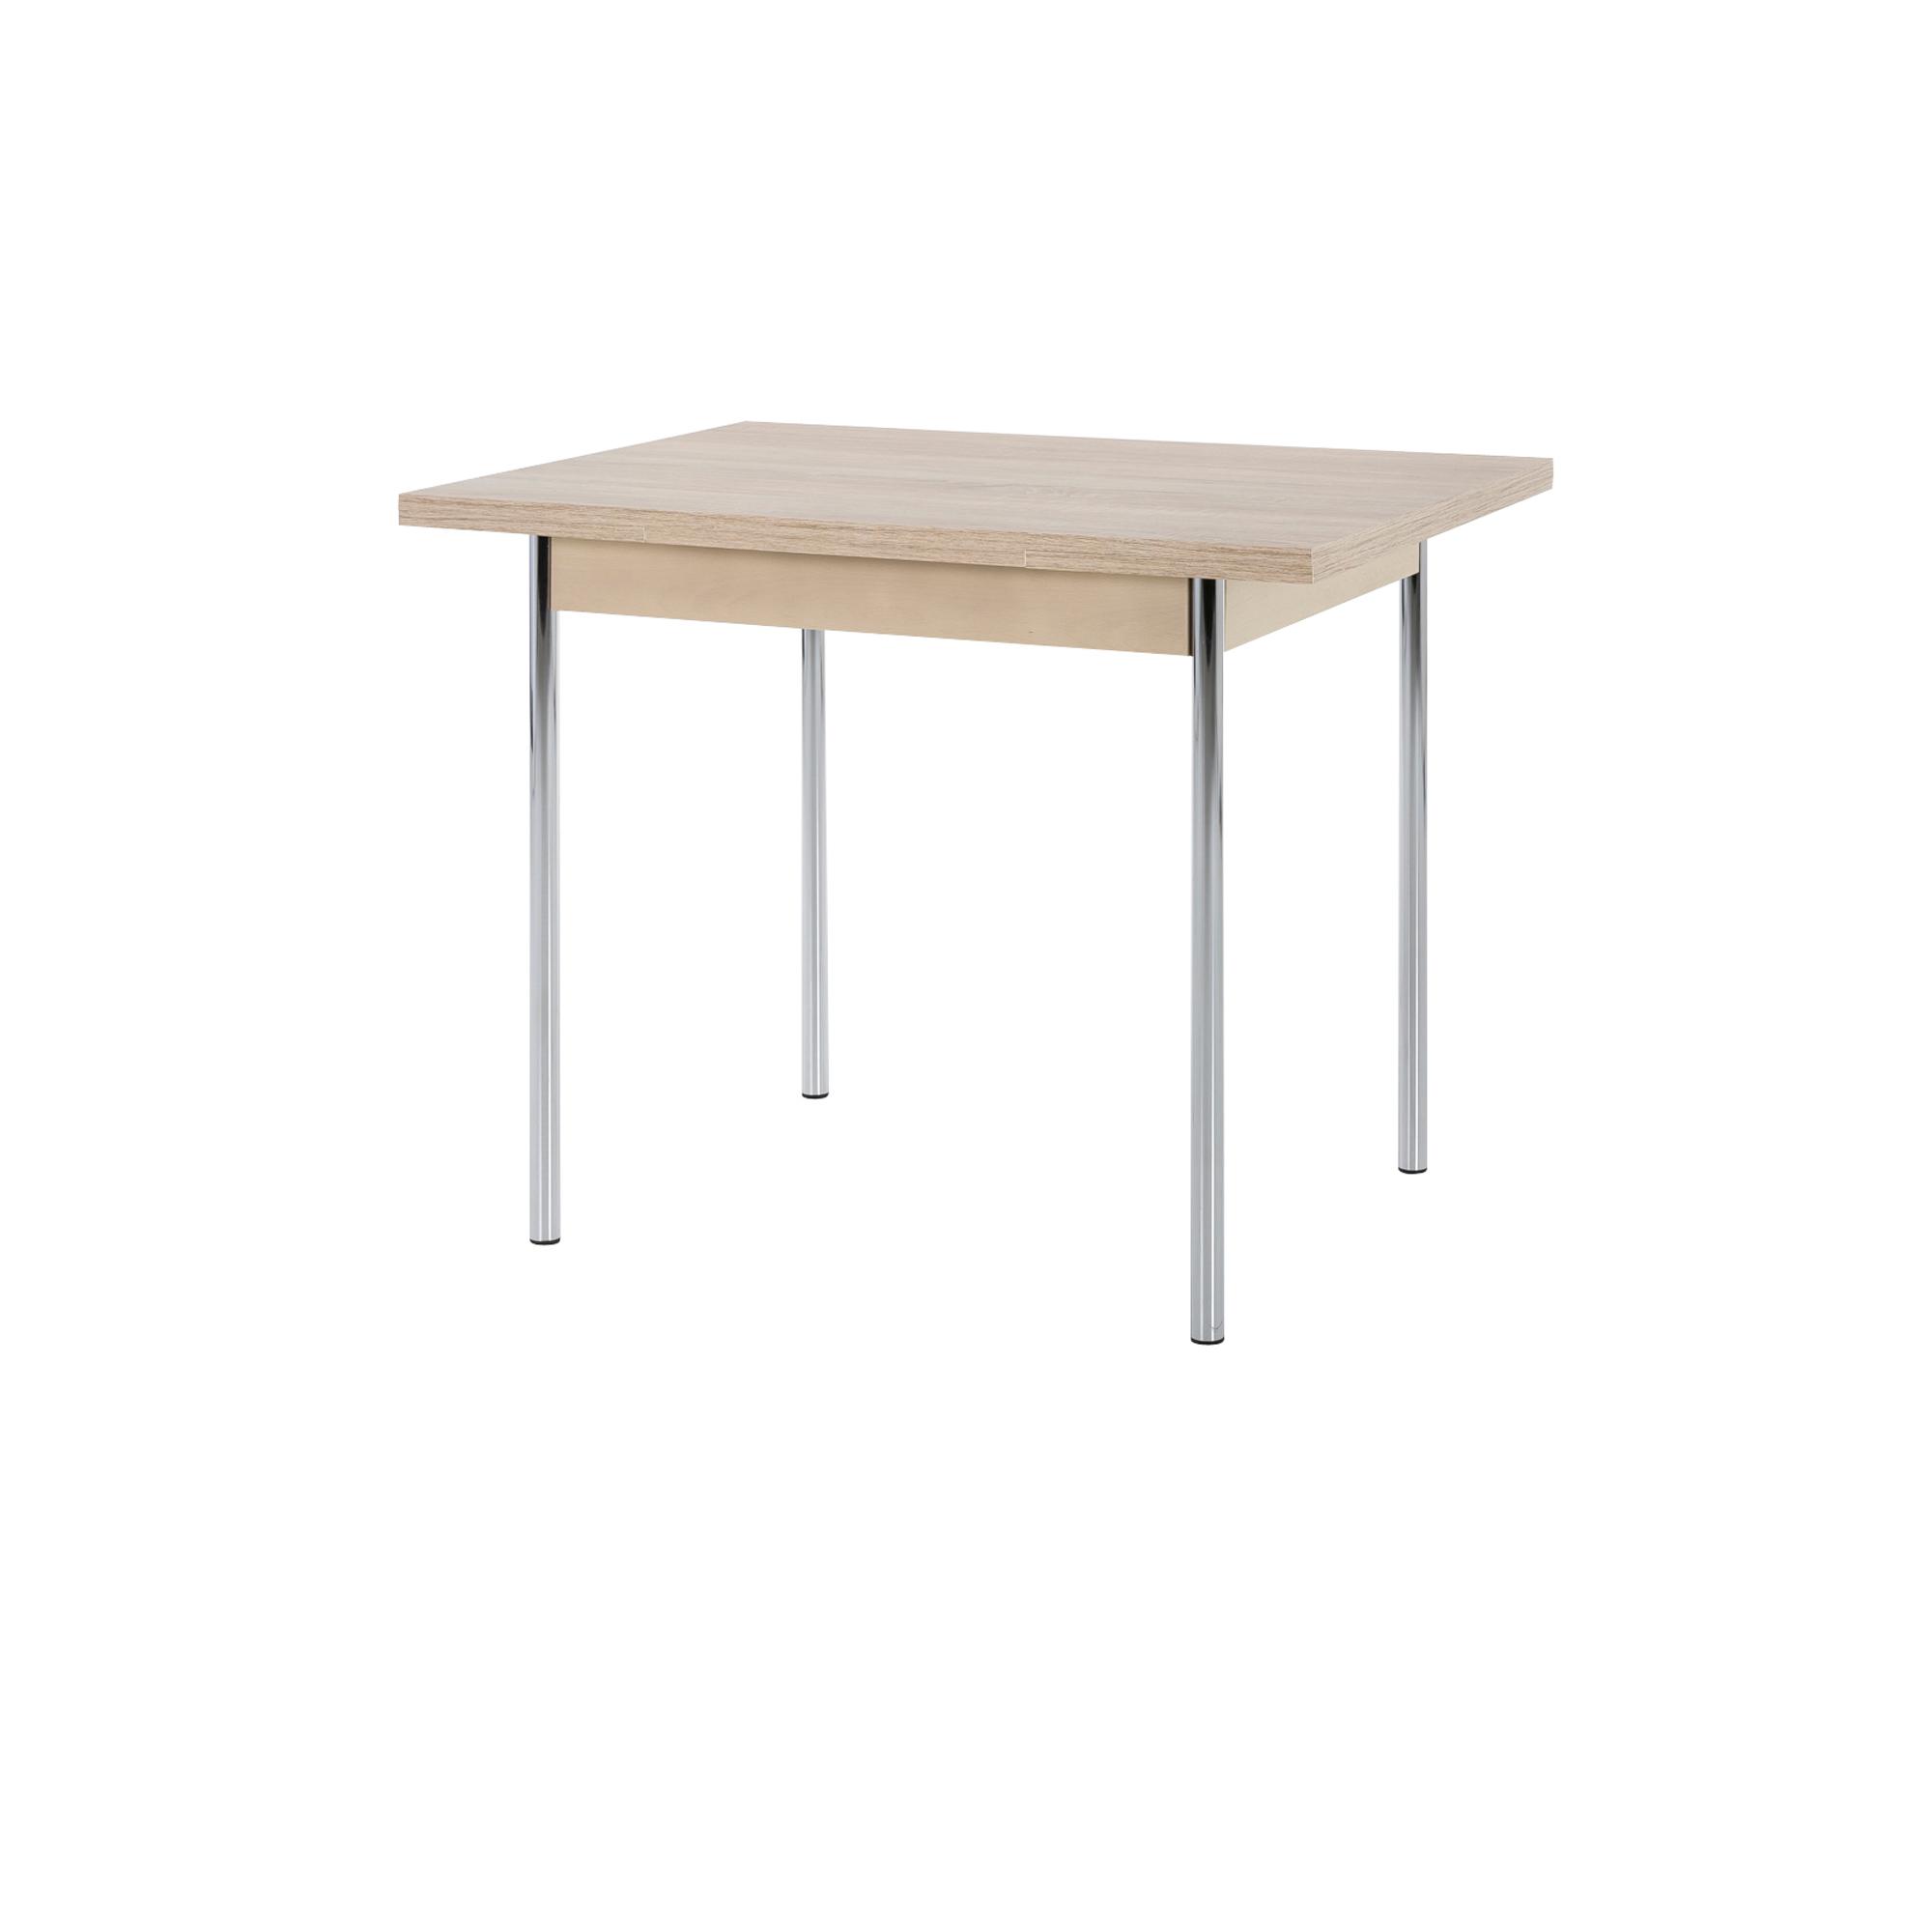 esstisch bonn i tischplatte ausziehbar 90 x 65 cm eiche sonoma chrom wohnen esstische. Black Bedroom Furniture Sets. Home Design Ideas